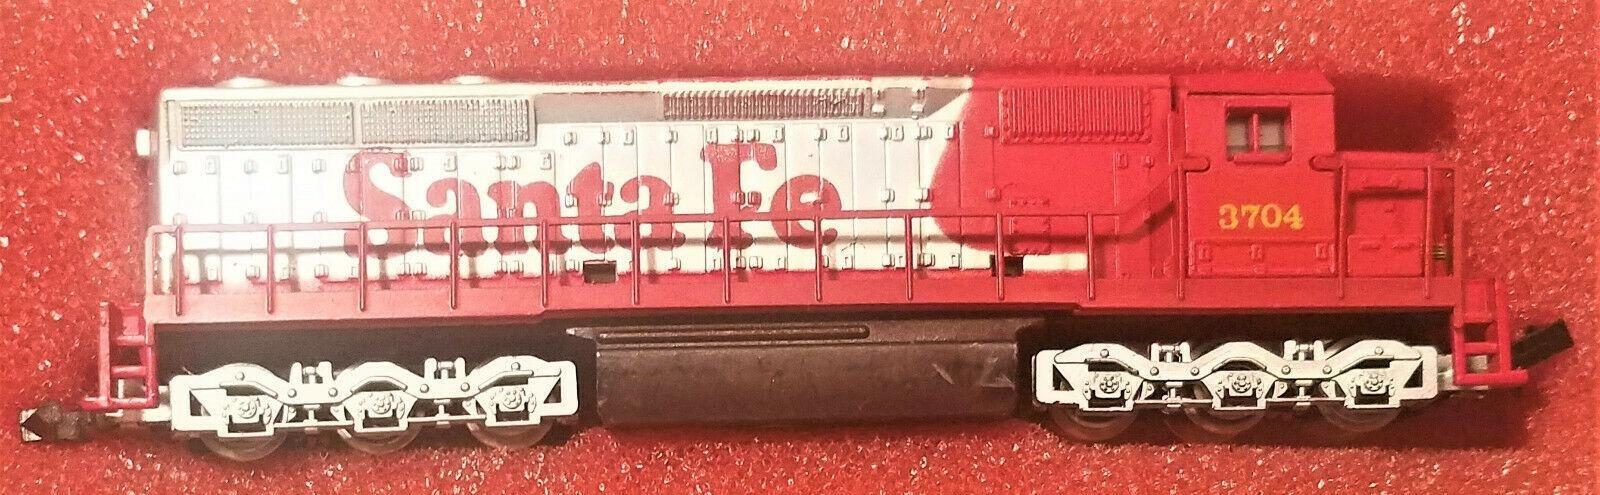 N Scale - Con-Cor - 0001-002202 - Locomotive, Diesel, EMD SD45 - Santa Fe - 3704